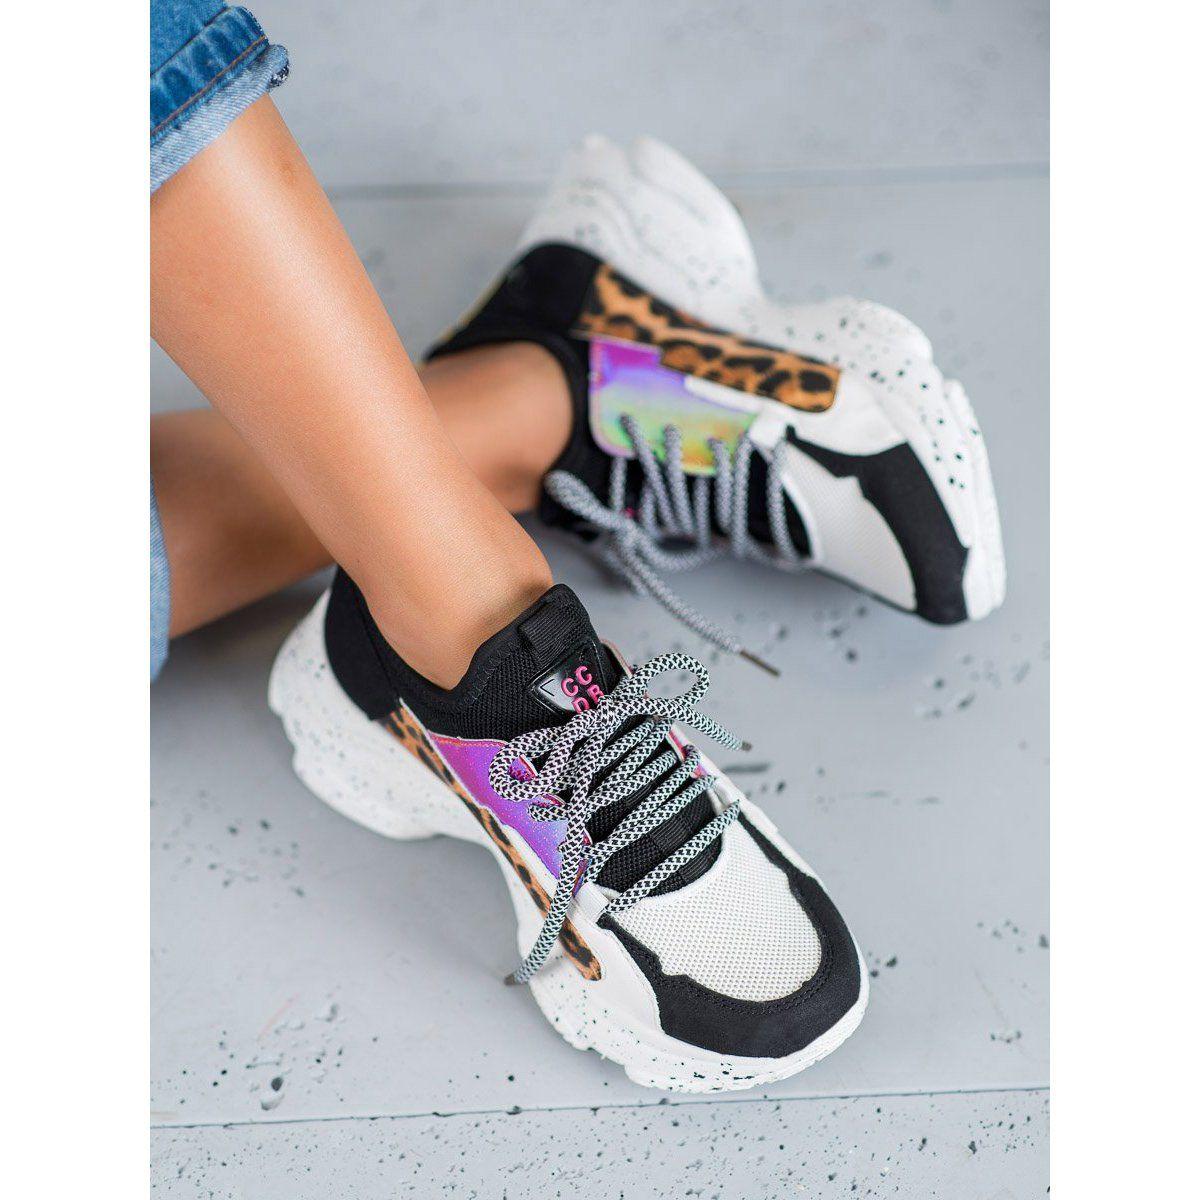 Shelovet Buty Sportowe Leopard Print Czarne Wielokolorowe Sport Shoes Shoes Sporty Style